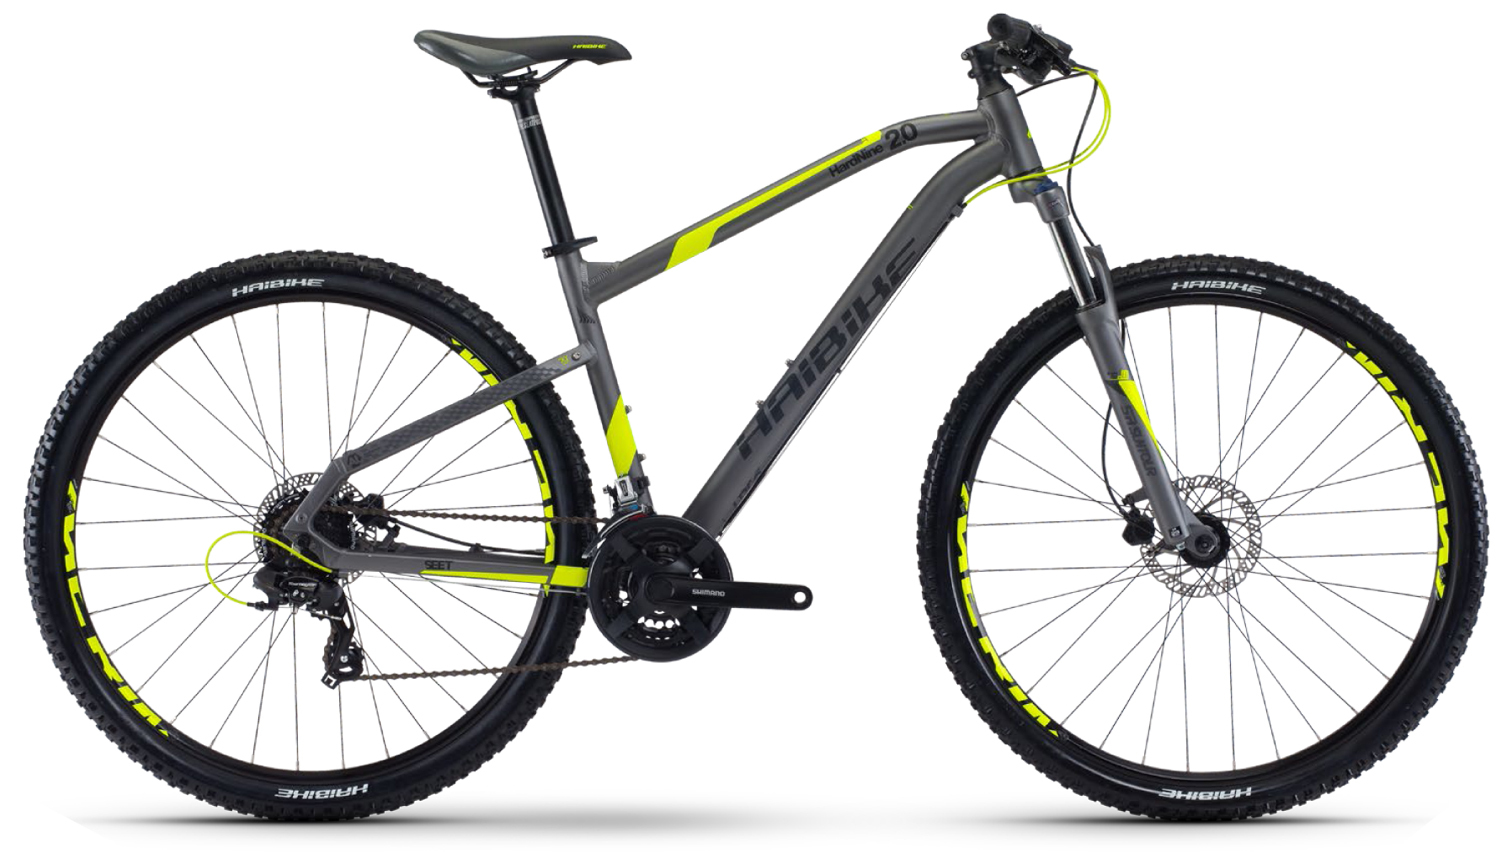 Haibike Seet Hard Nine 2.0 (2017)Горные<br>Haibike Seet HardNine 2.0 – это горный велосипед, который идеально подойдет для катания по пересеченной местности и городским паркам. Благодаря мягкой вилке SR Suntour XCT HLO DS Lockout с ходом 150 мм и возможностью блокировка хода вы всегда сможете настроить байк для определенного типа дороги. Навесное оборудование Shimano Altus M313 и Shimano Acera M360 позволят четко и быстро подобрать передачу как для крутого спуска, так и для длительного подъема.<br>